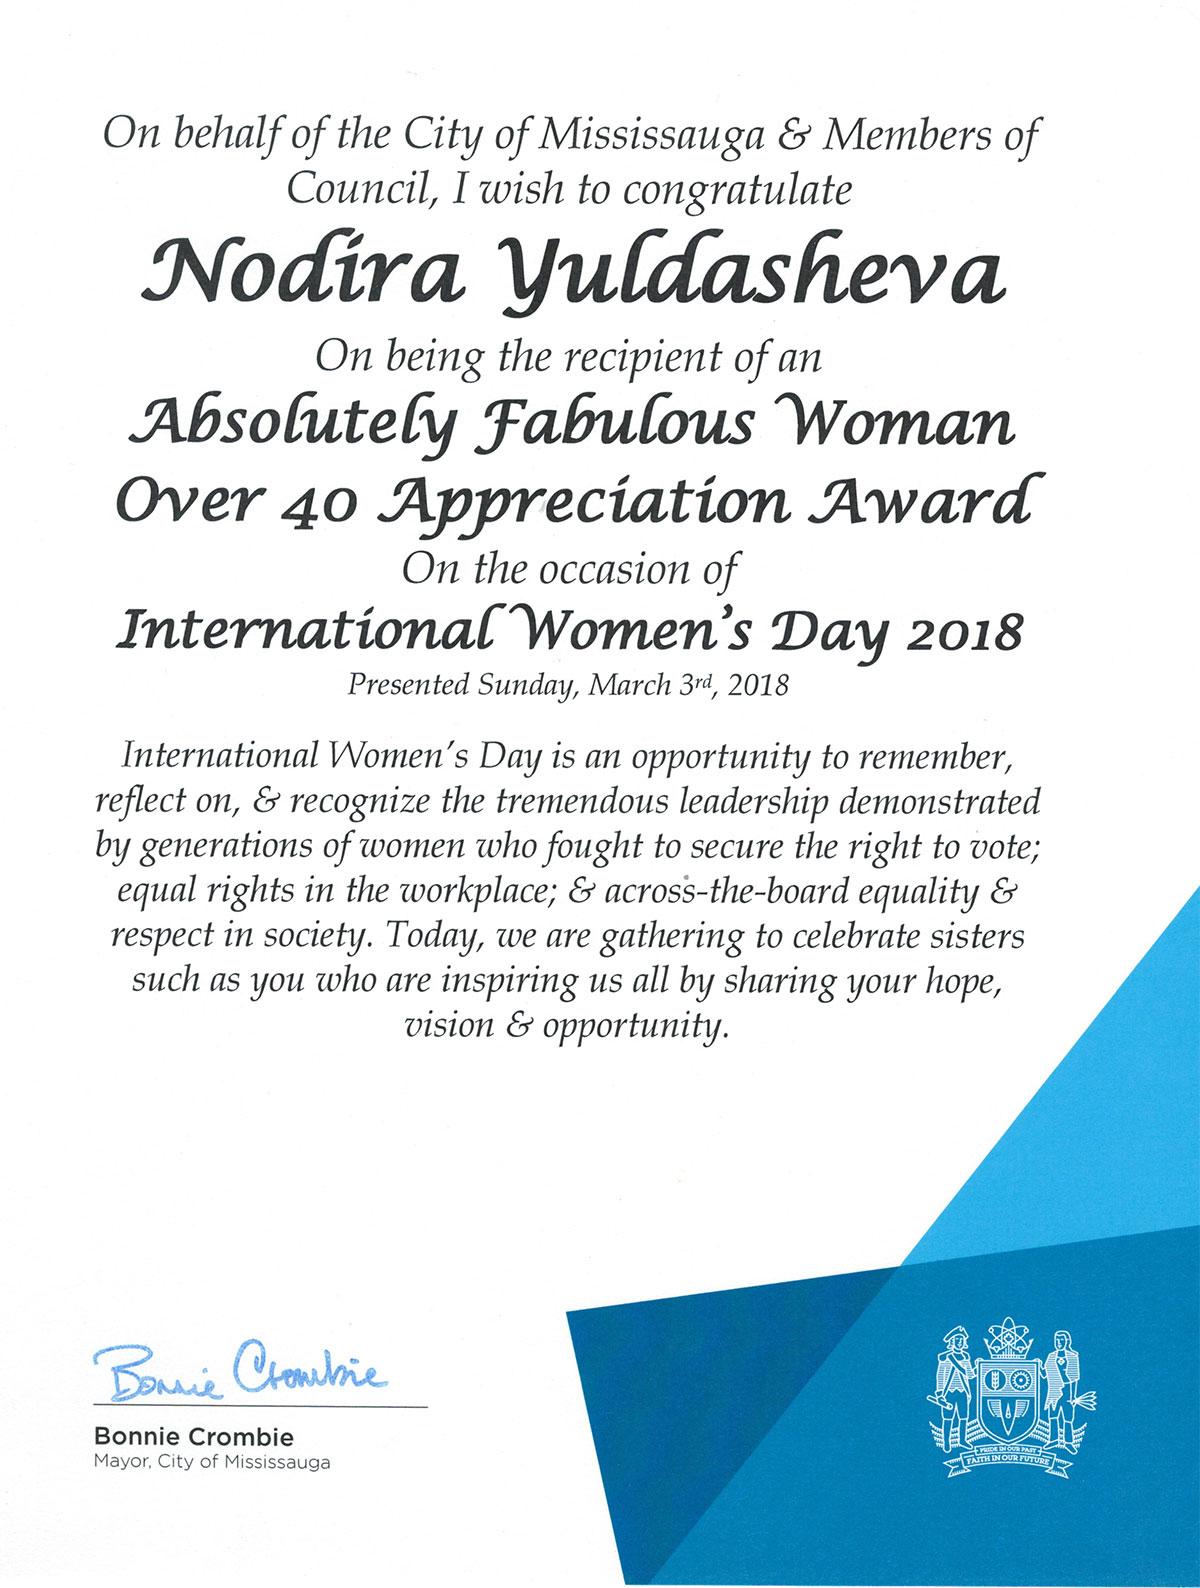 fabulous-women-appreciation-award